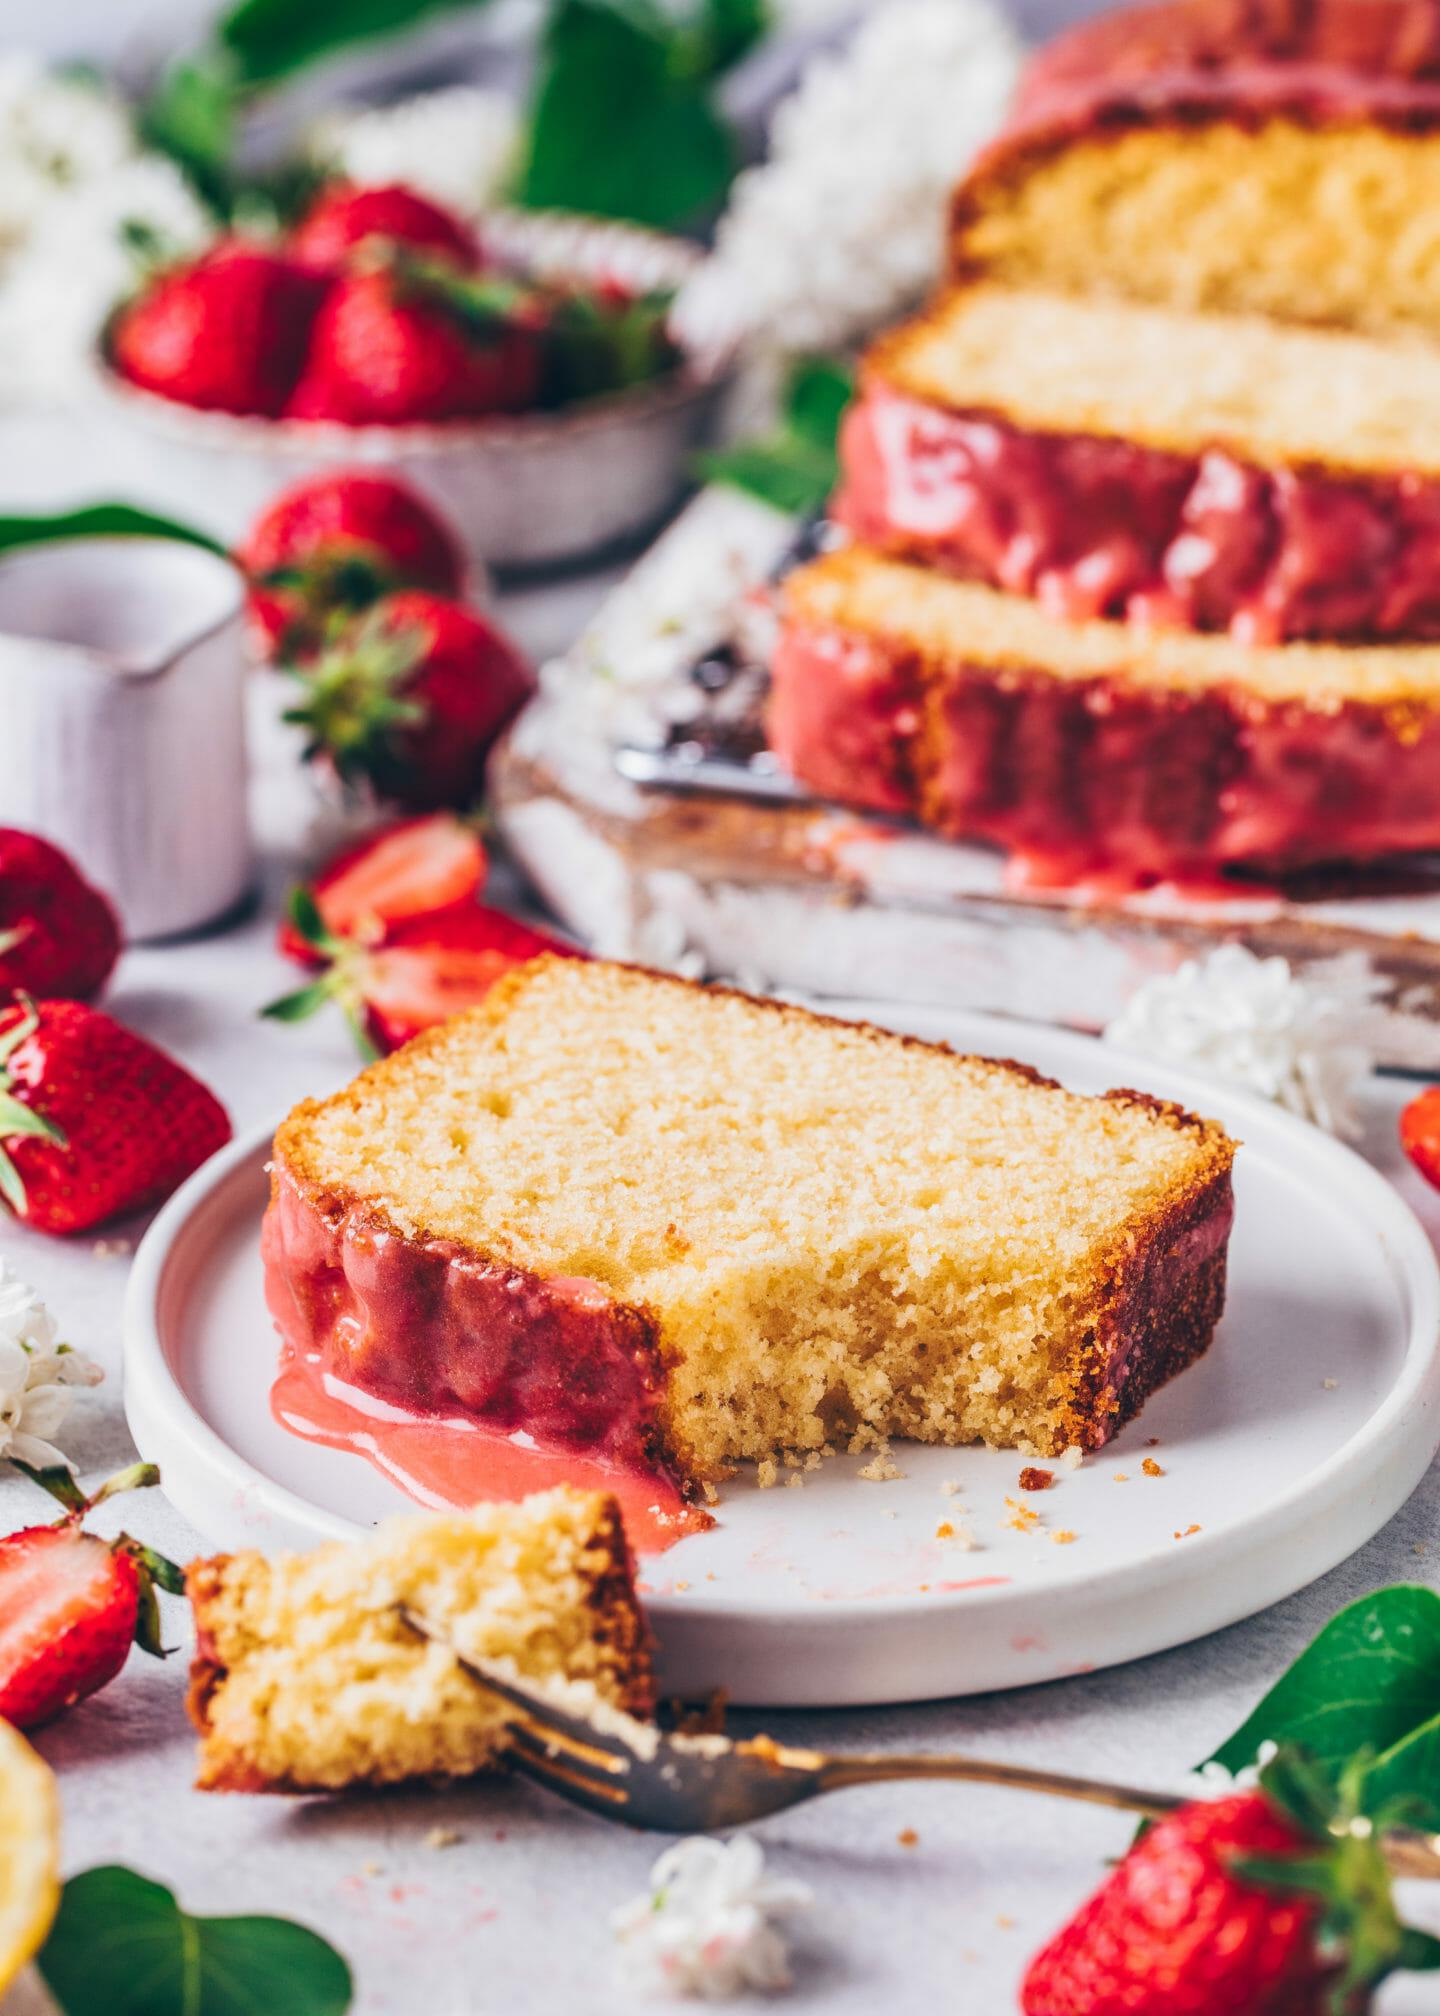 Best Vegan Lemon Cake